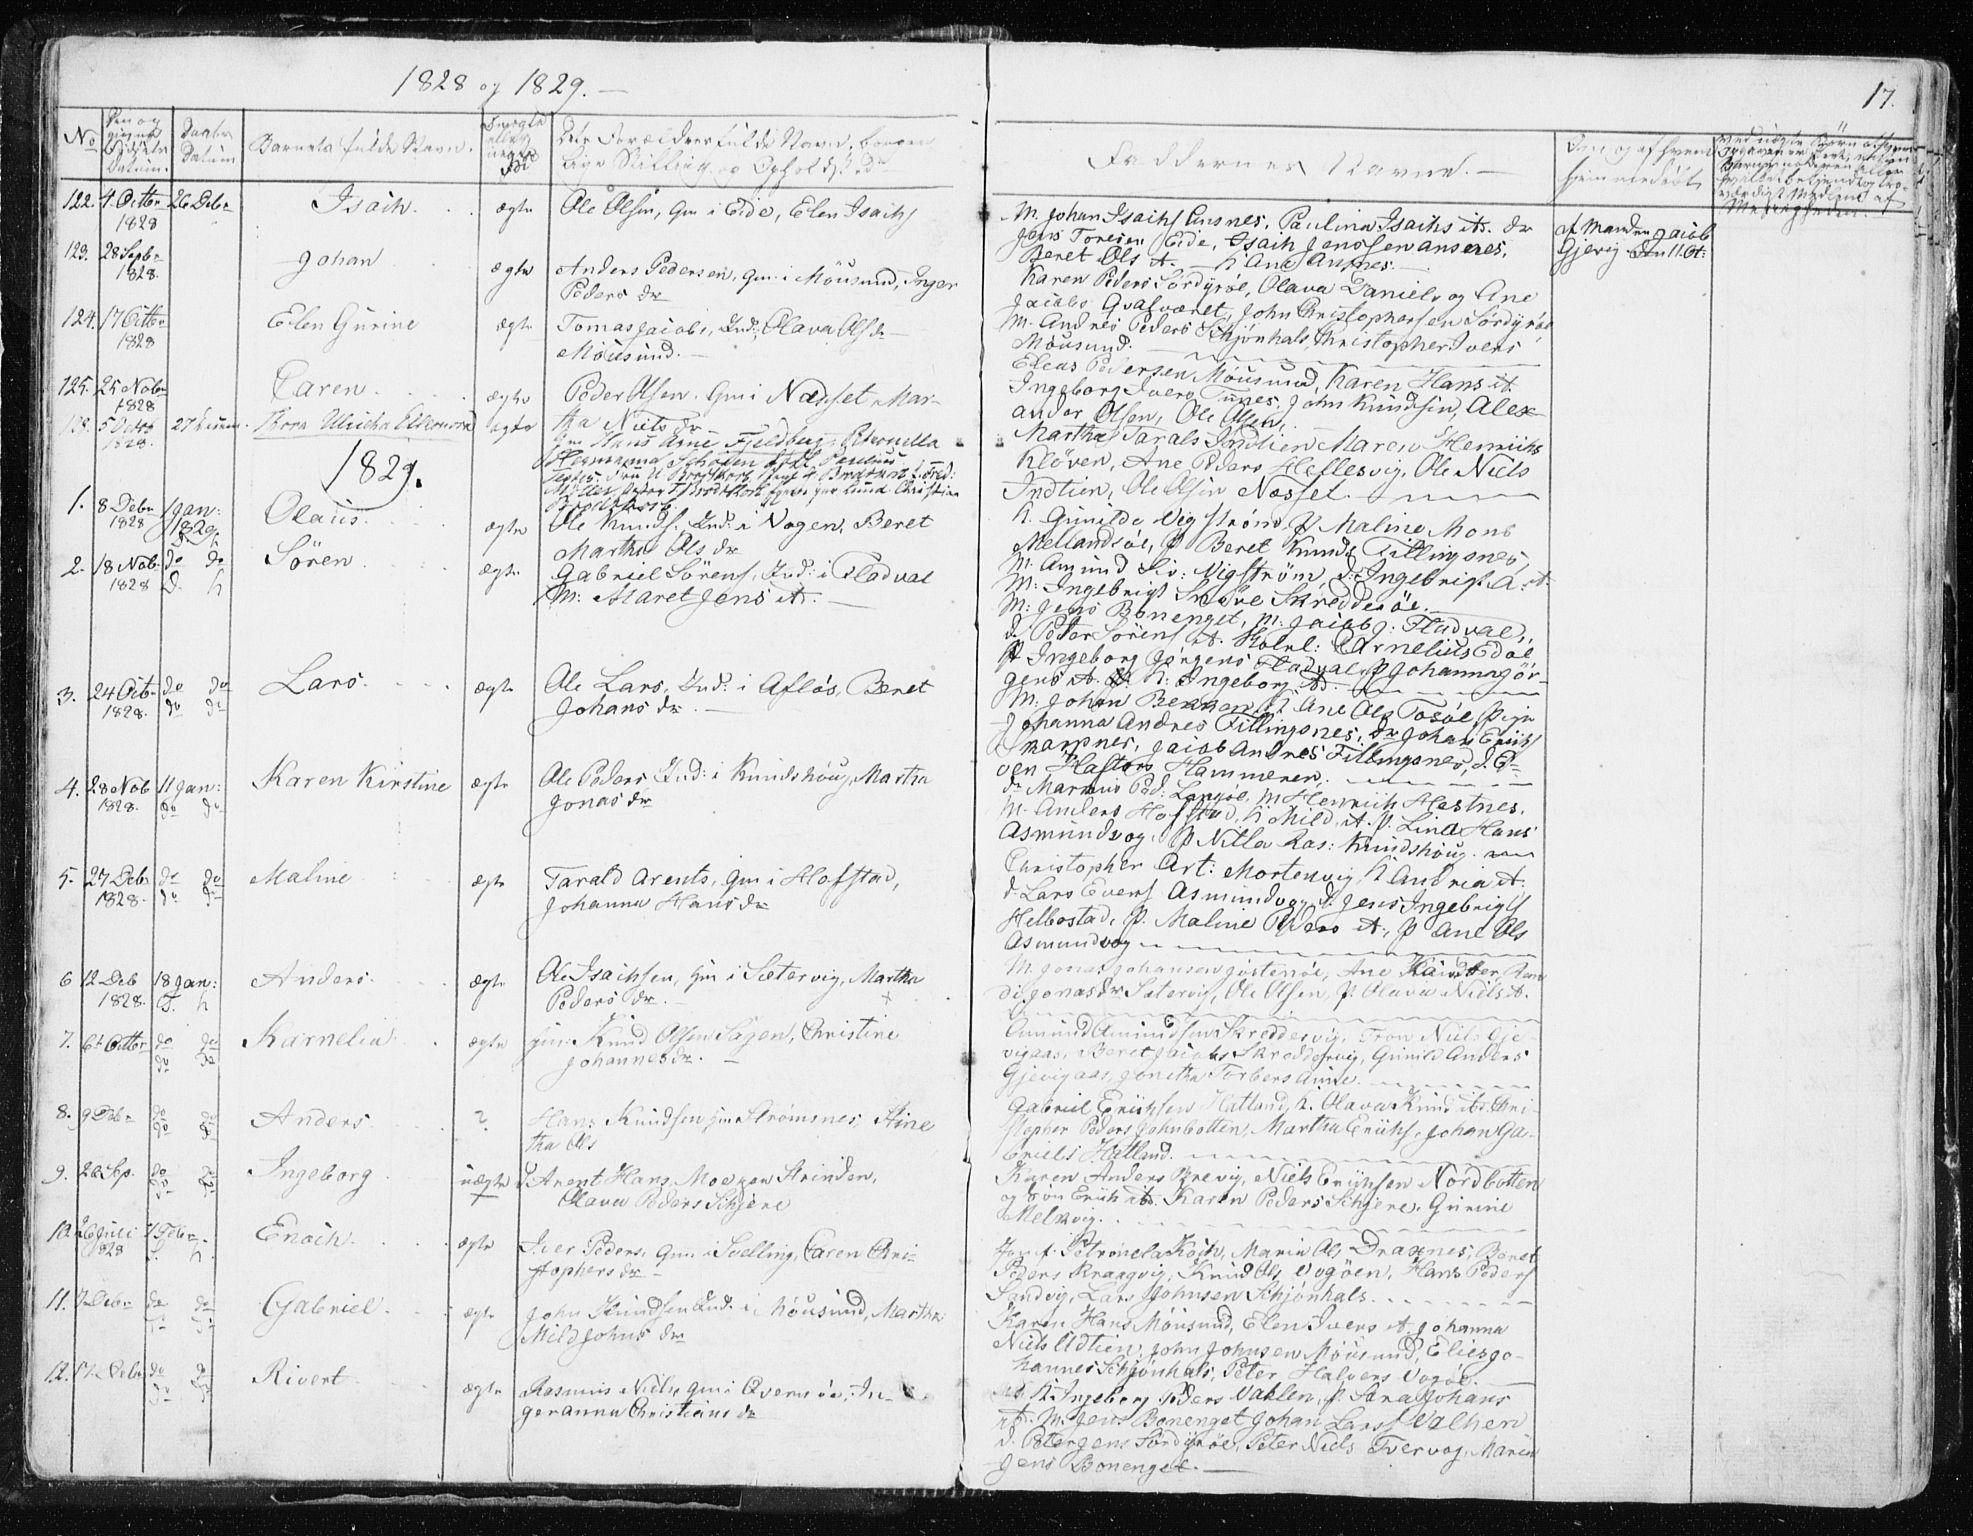 SAT, Ministerialprotokoller, klokkerbøker og fødselsregistre - Sør-Trøndelag, 634/L0528: Ministerialbok nr. 634A04, 1827-1842, s. 17